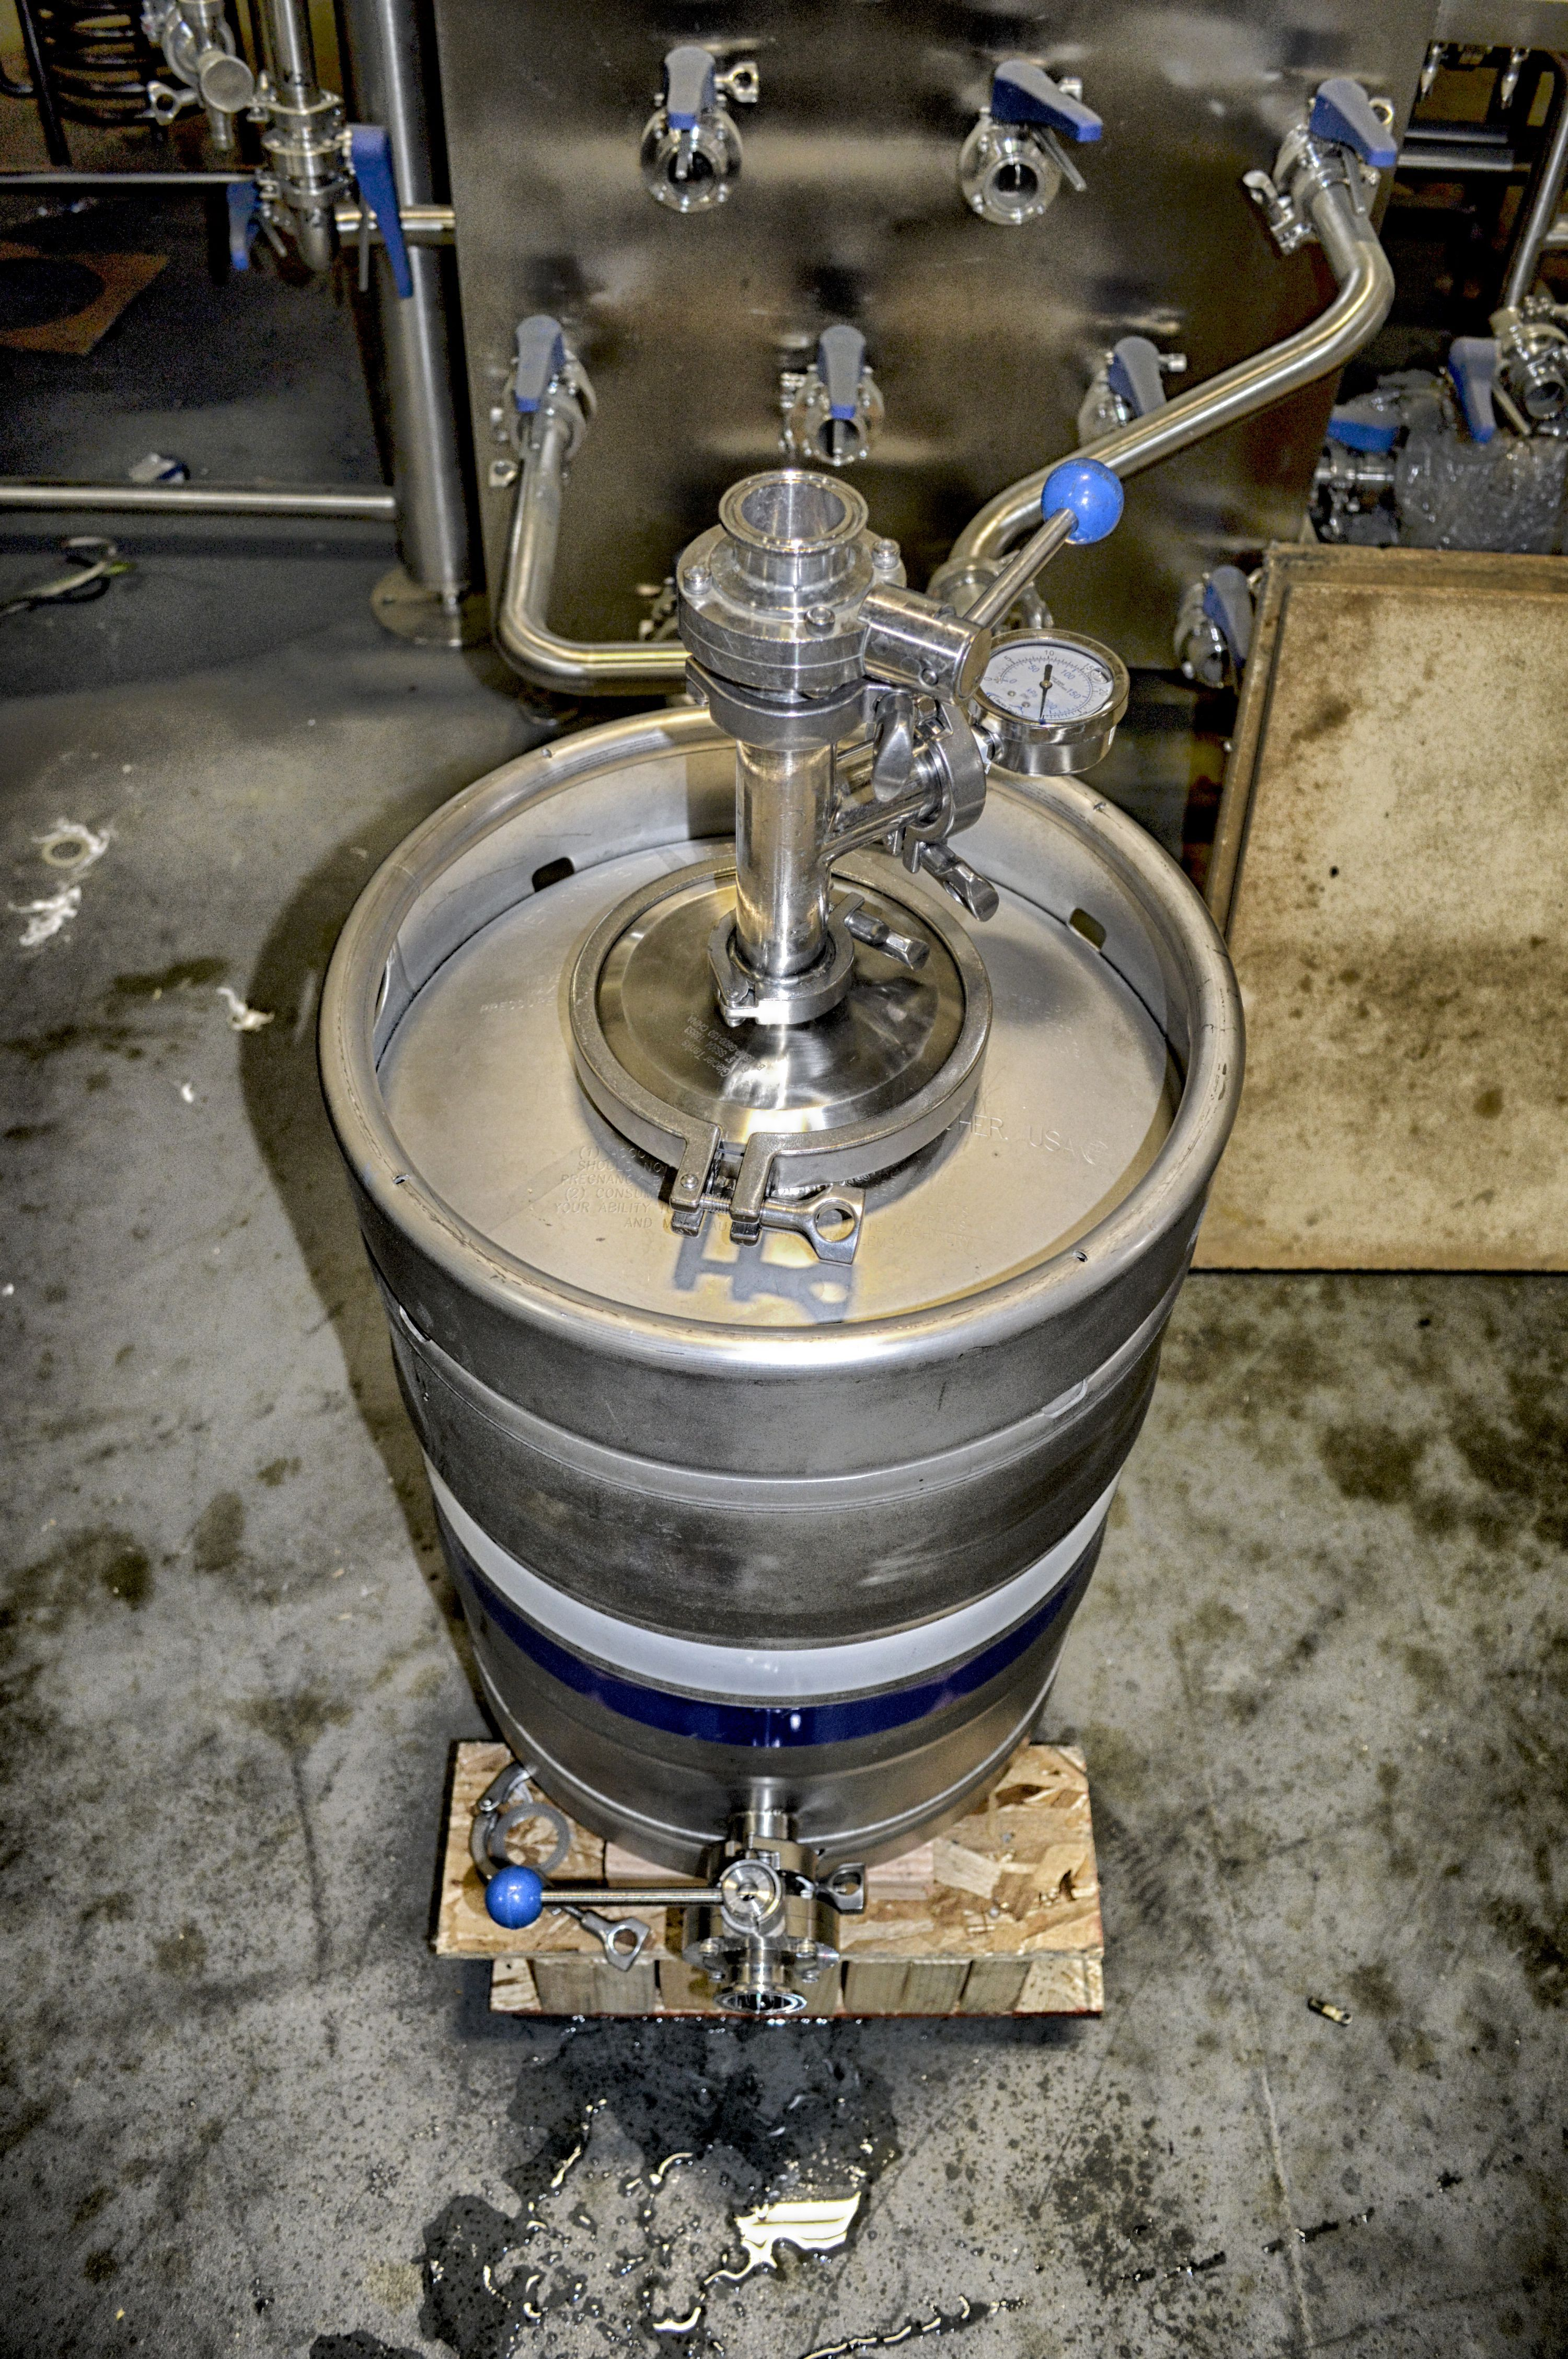 Keg Yeast Brink #Yeastbrink #homebrew #brewing #keg #keggle ...